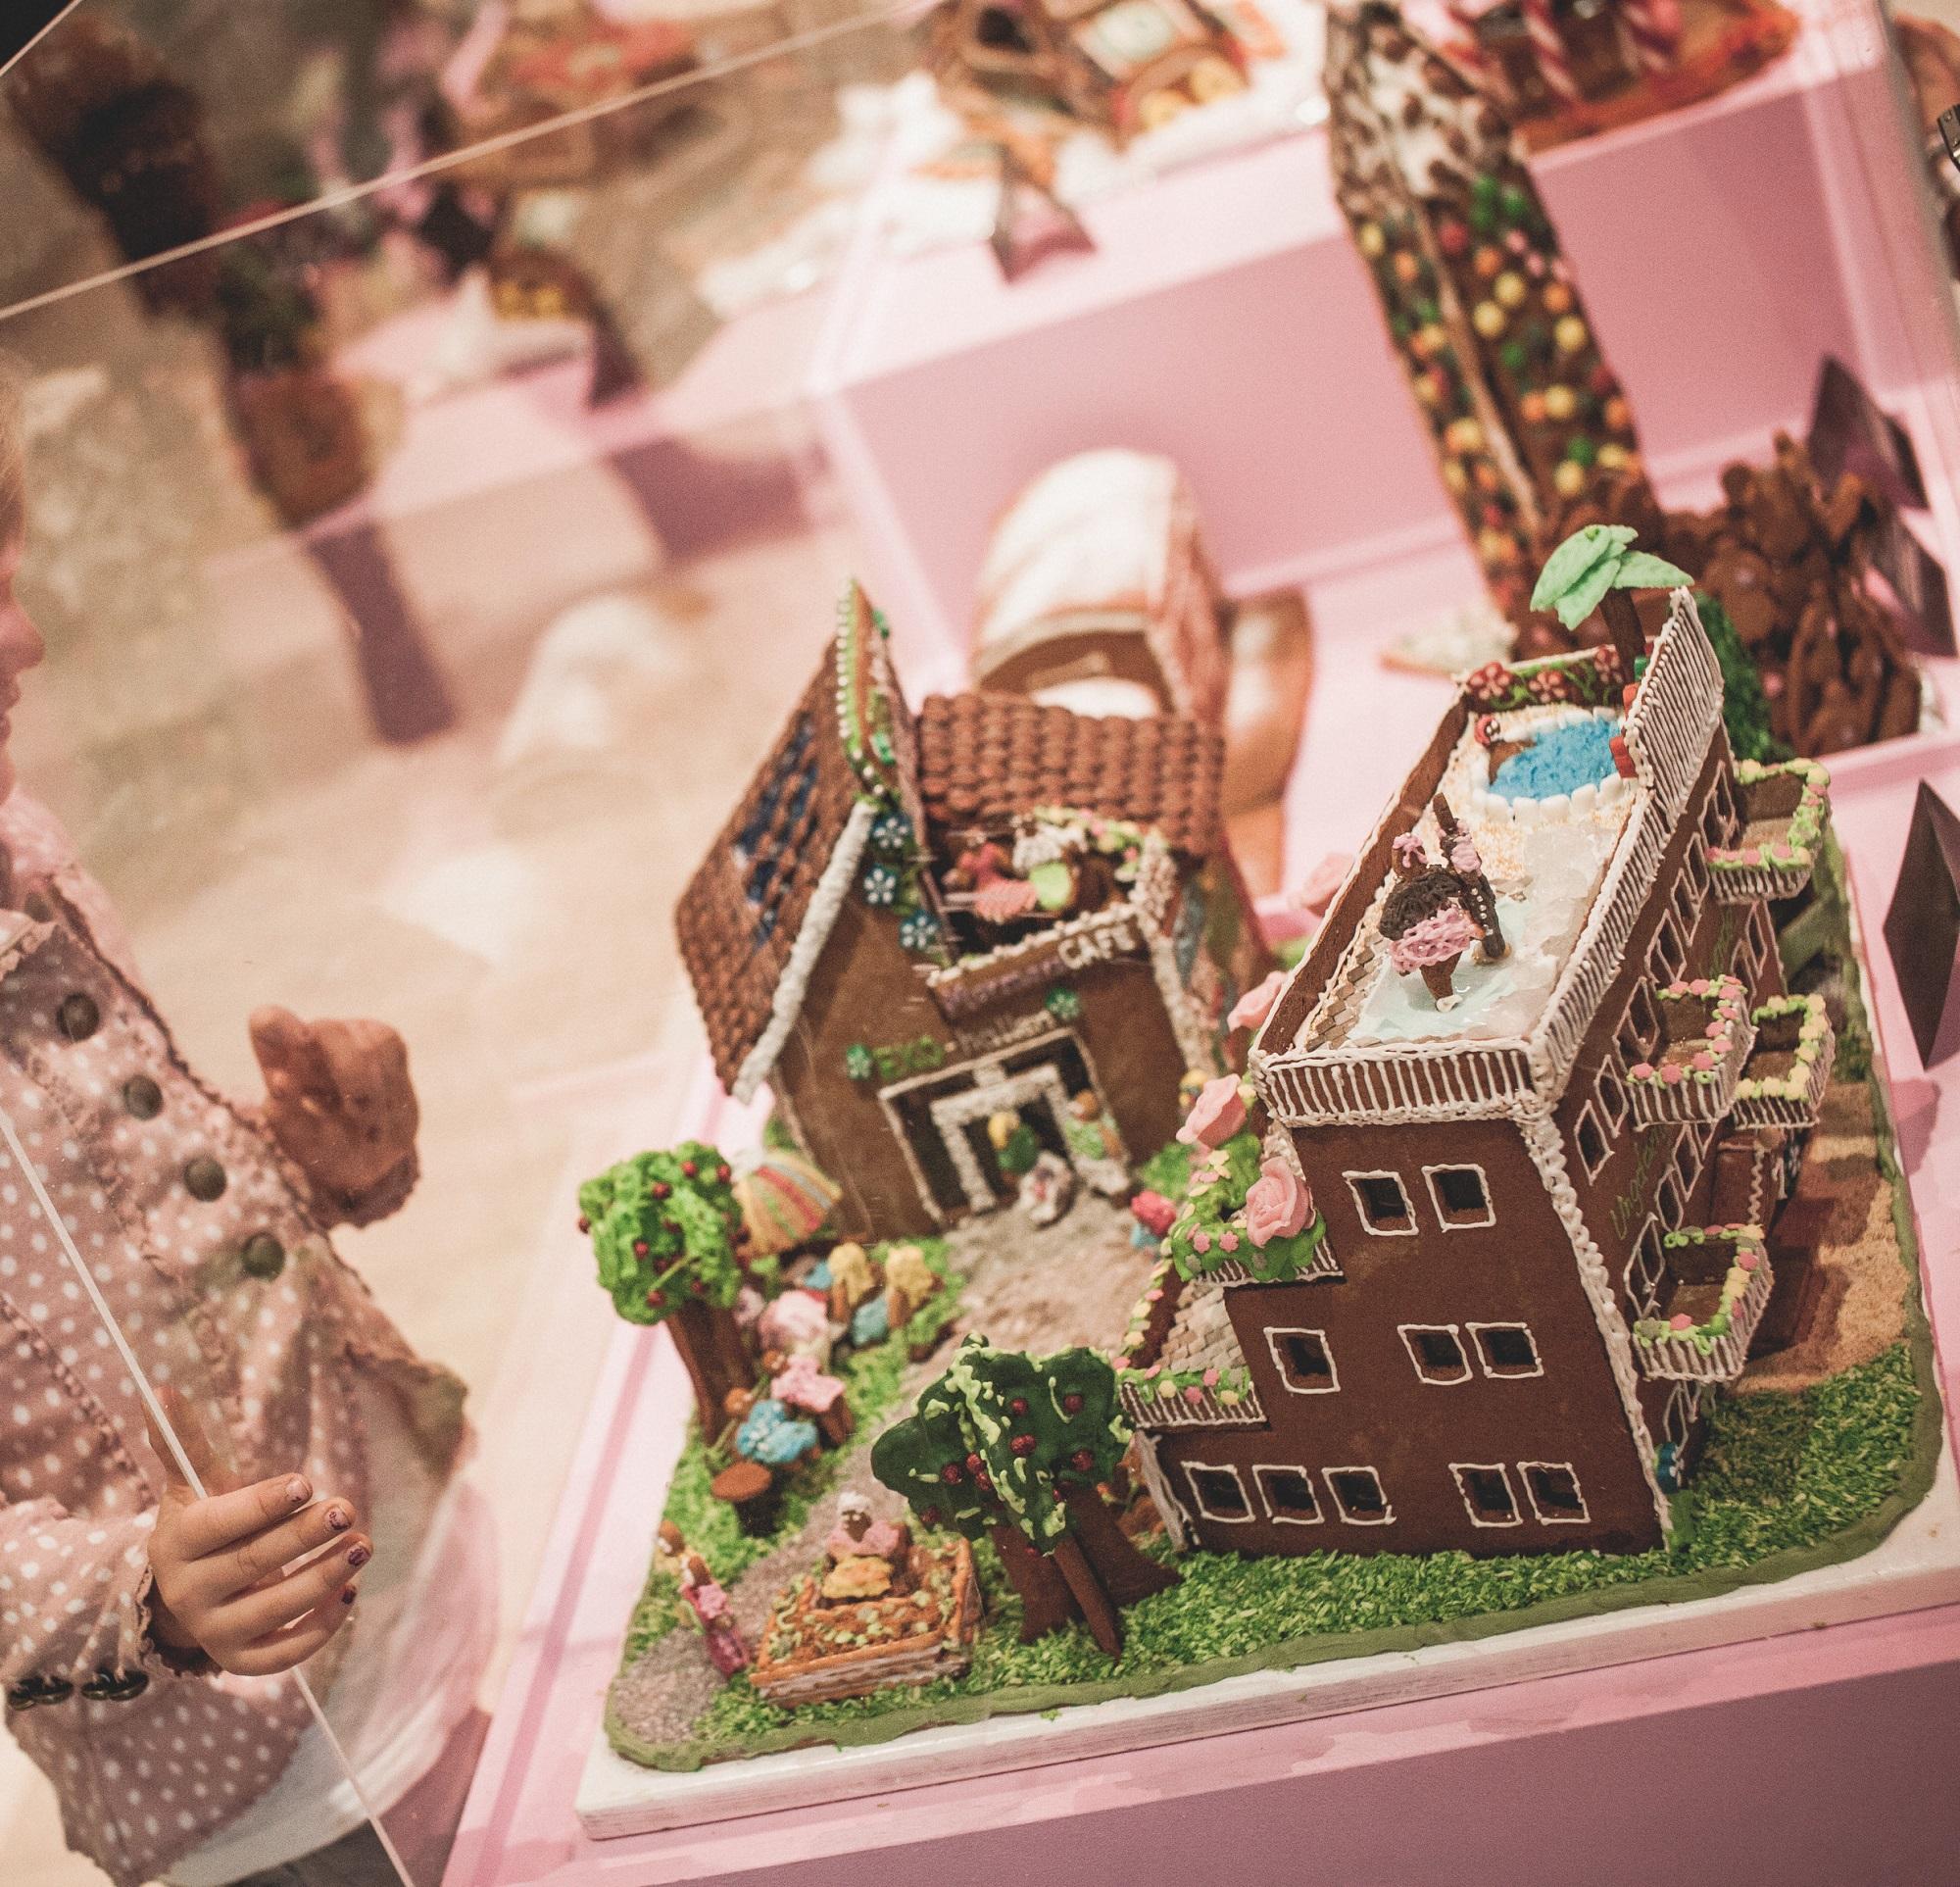 Piparkūku namiņu izstāde, muzejs zviedrijā, bez maksas, konkurss